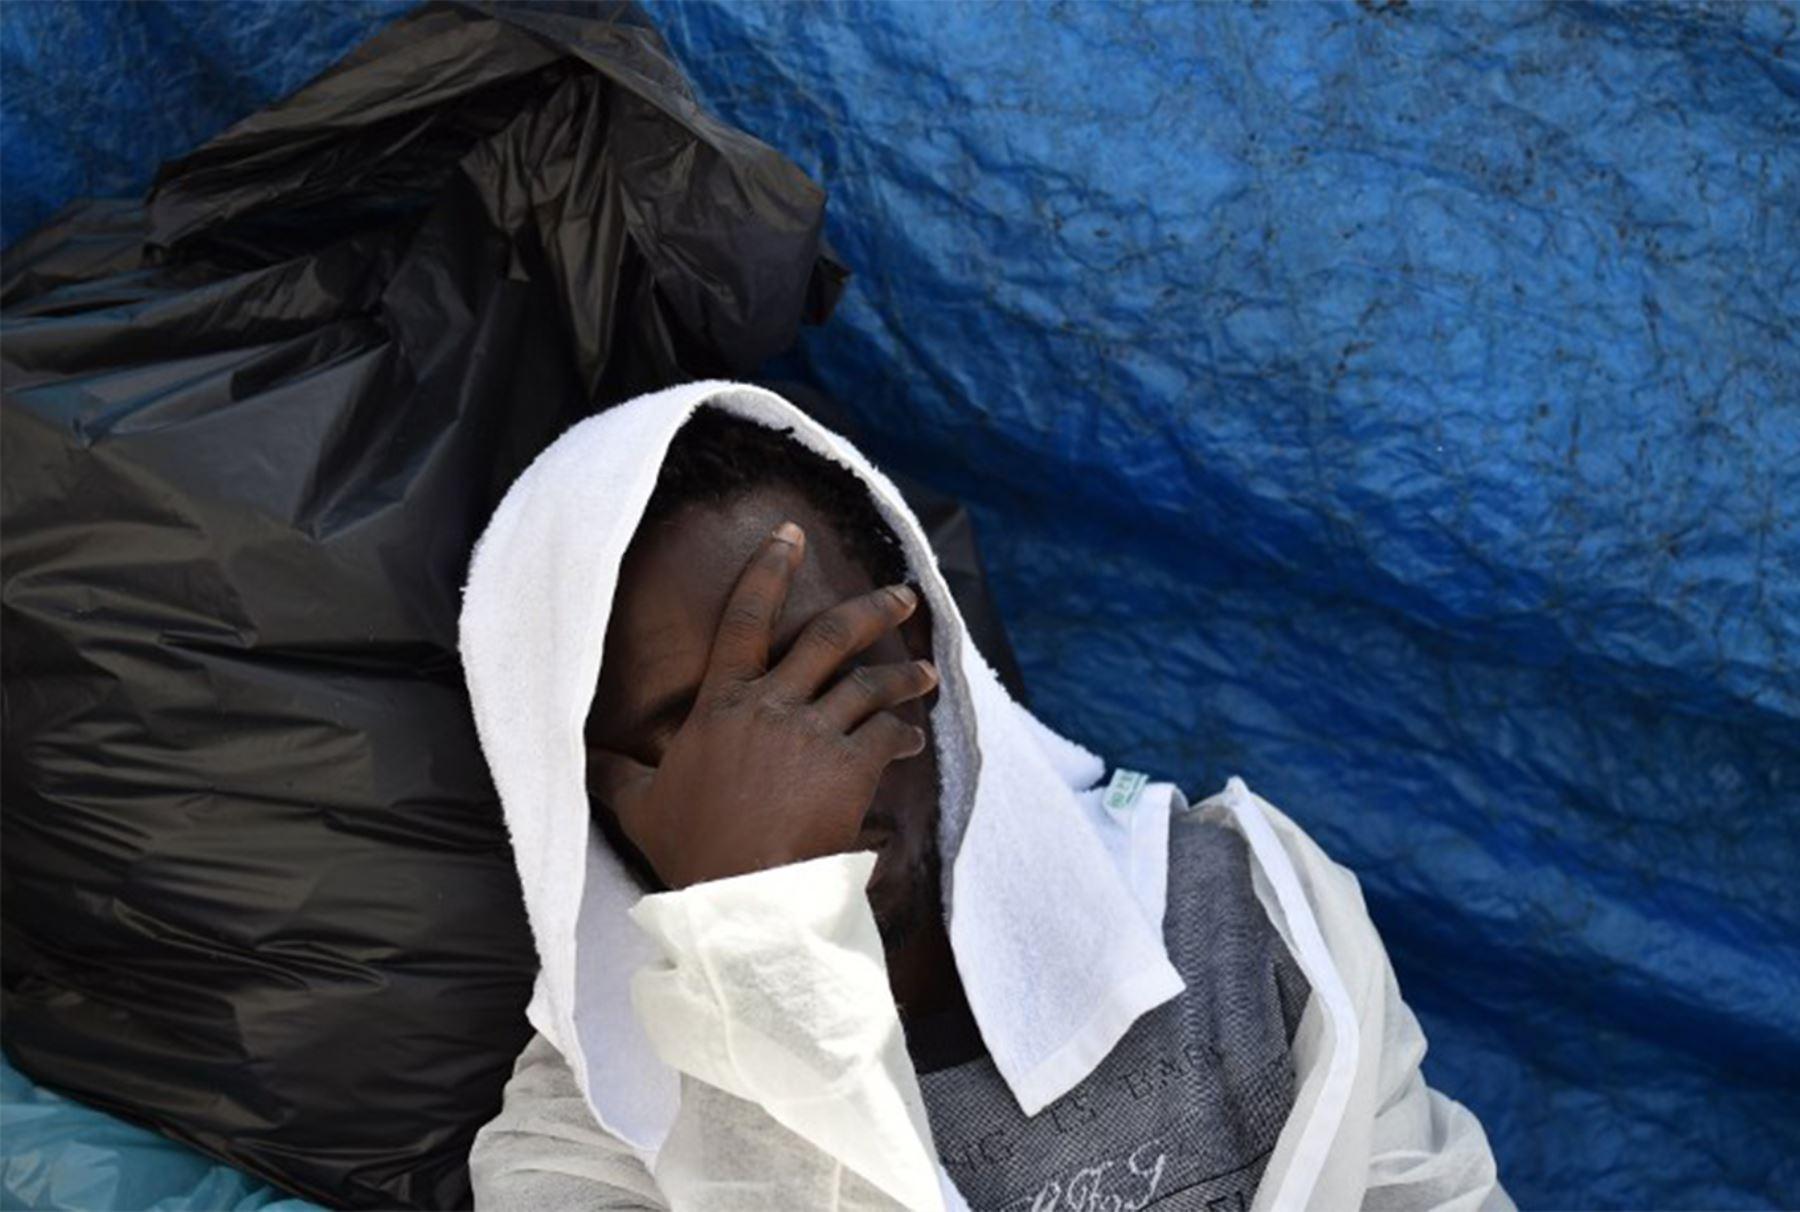 """Un hombre descansa mientras espera comida a bordo del barco de rescate """"Aquarius"""", el 25 de mayo, el año 2016 un día después de una operación de rescate de los migrantes y refugiados de la costa libia.   FOTO AFP / GABRIEL BOUYS"""